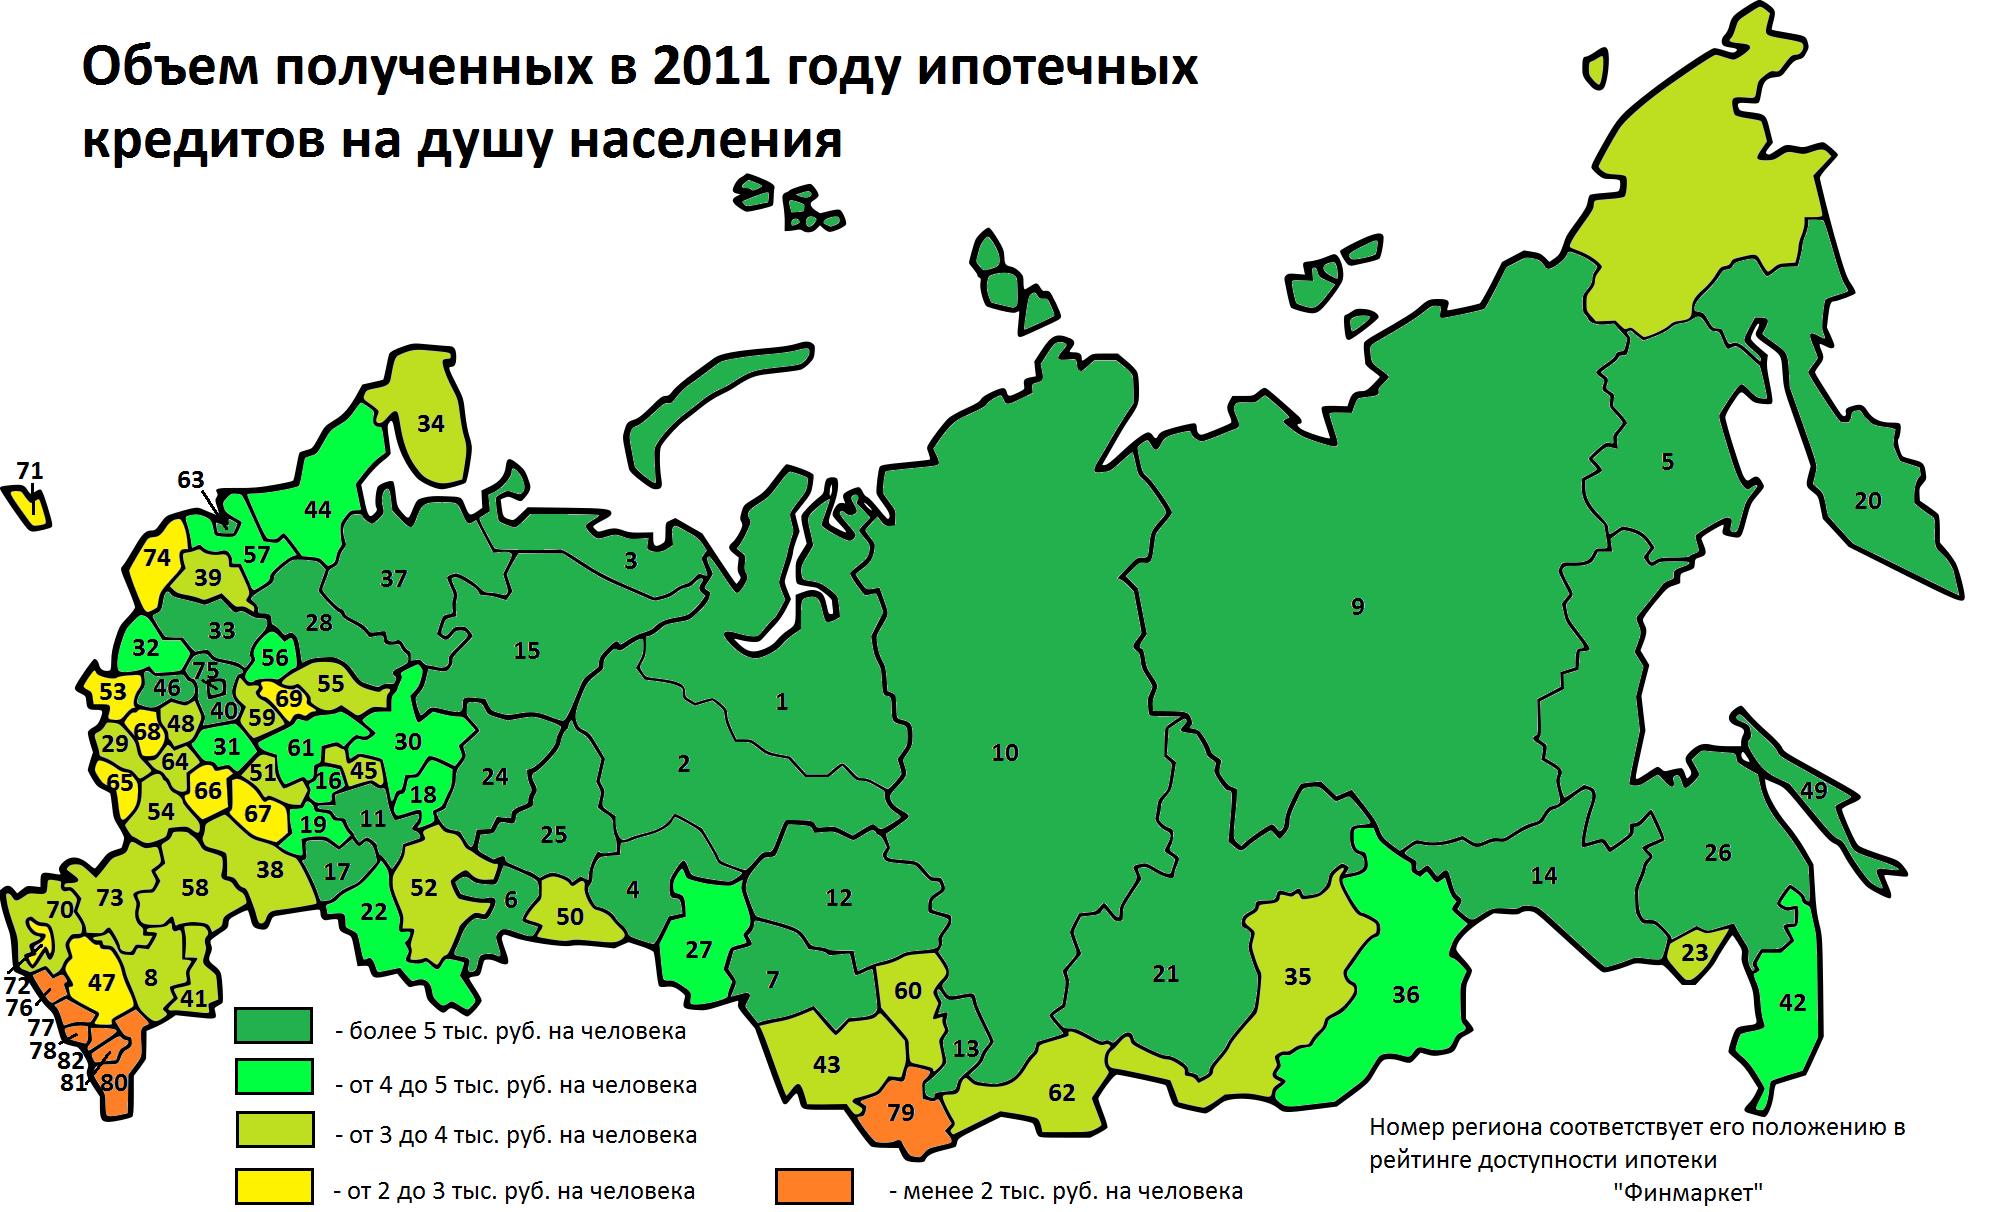 Кавказская ипотека дороже московской